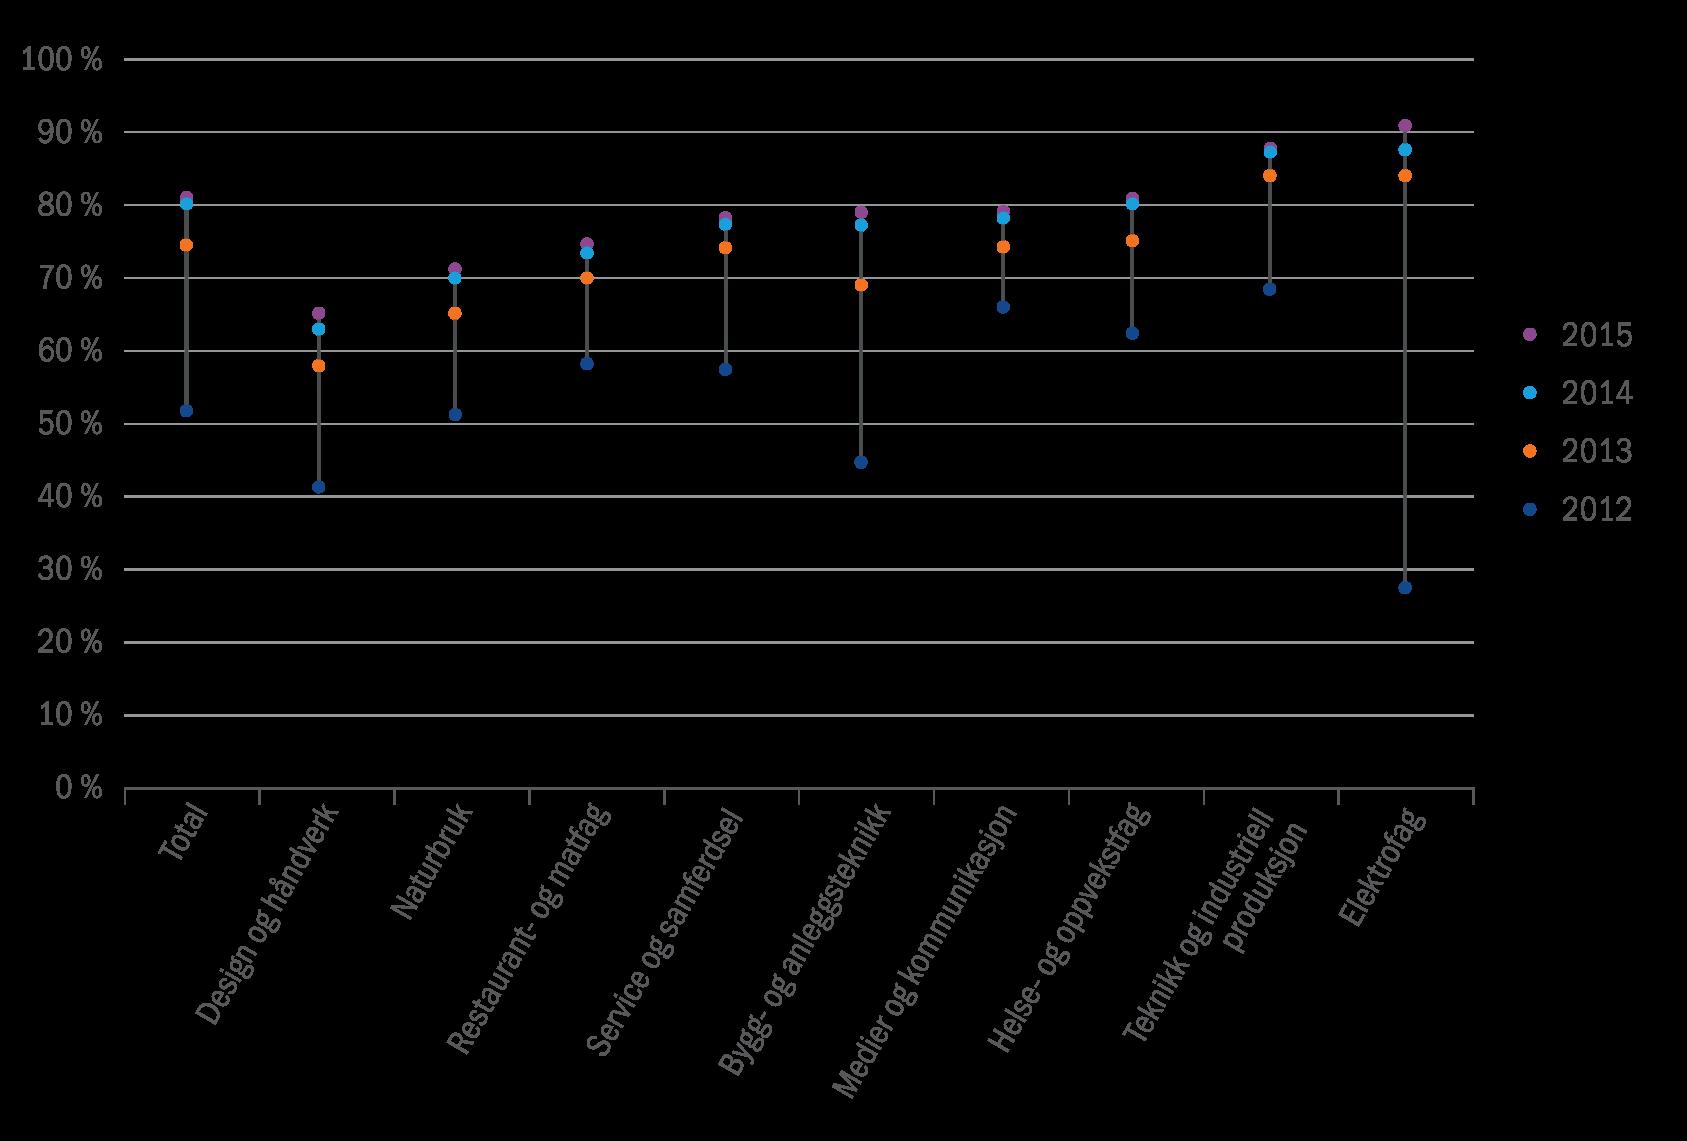 figur-7-12-laerlinger-som-har-oppnadd-fagbrev-to-til-fem-ar-etter-pabegynt-laere-fordelt-pa-utdanningsprogram-2010-kullet-prosent